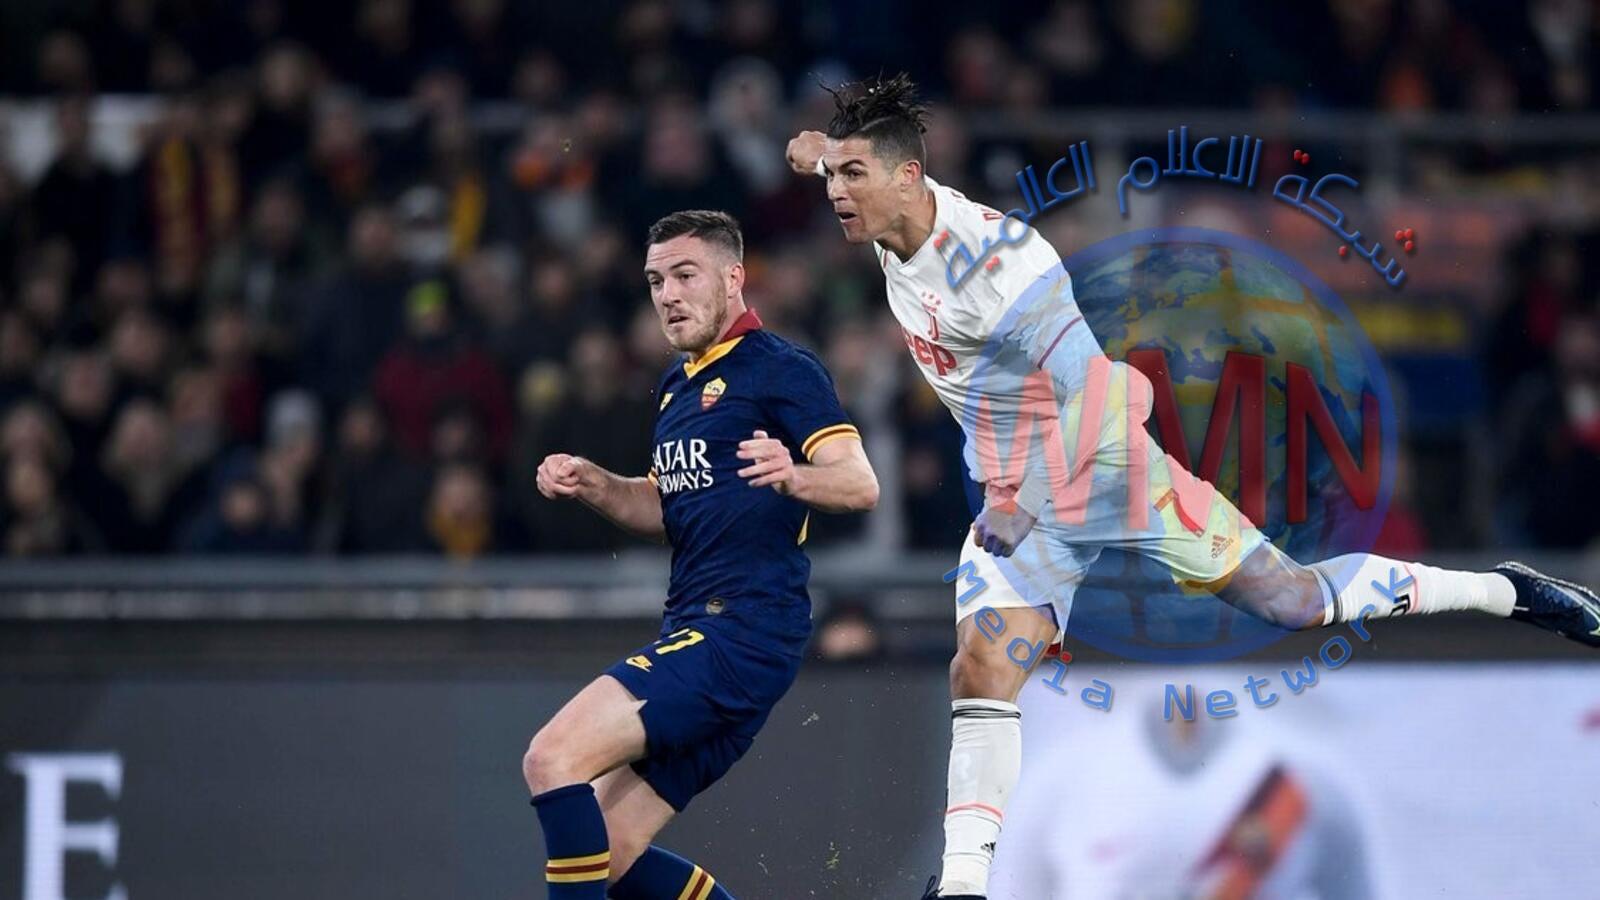 يوفنتوس يحقق فوزاً صعباً على روما وينفرد في صدارة الدوري الإيطالي